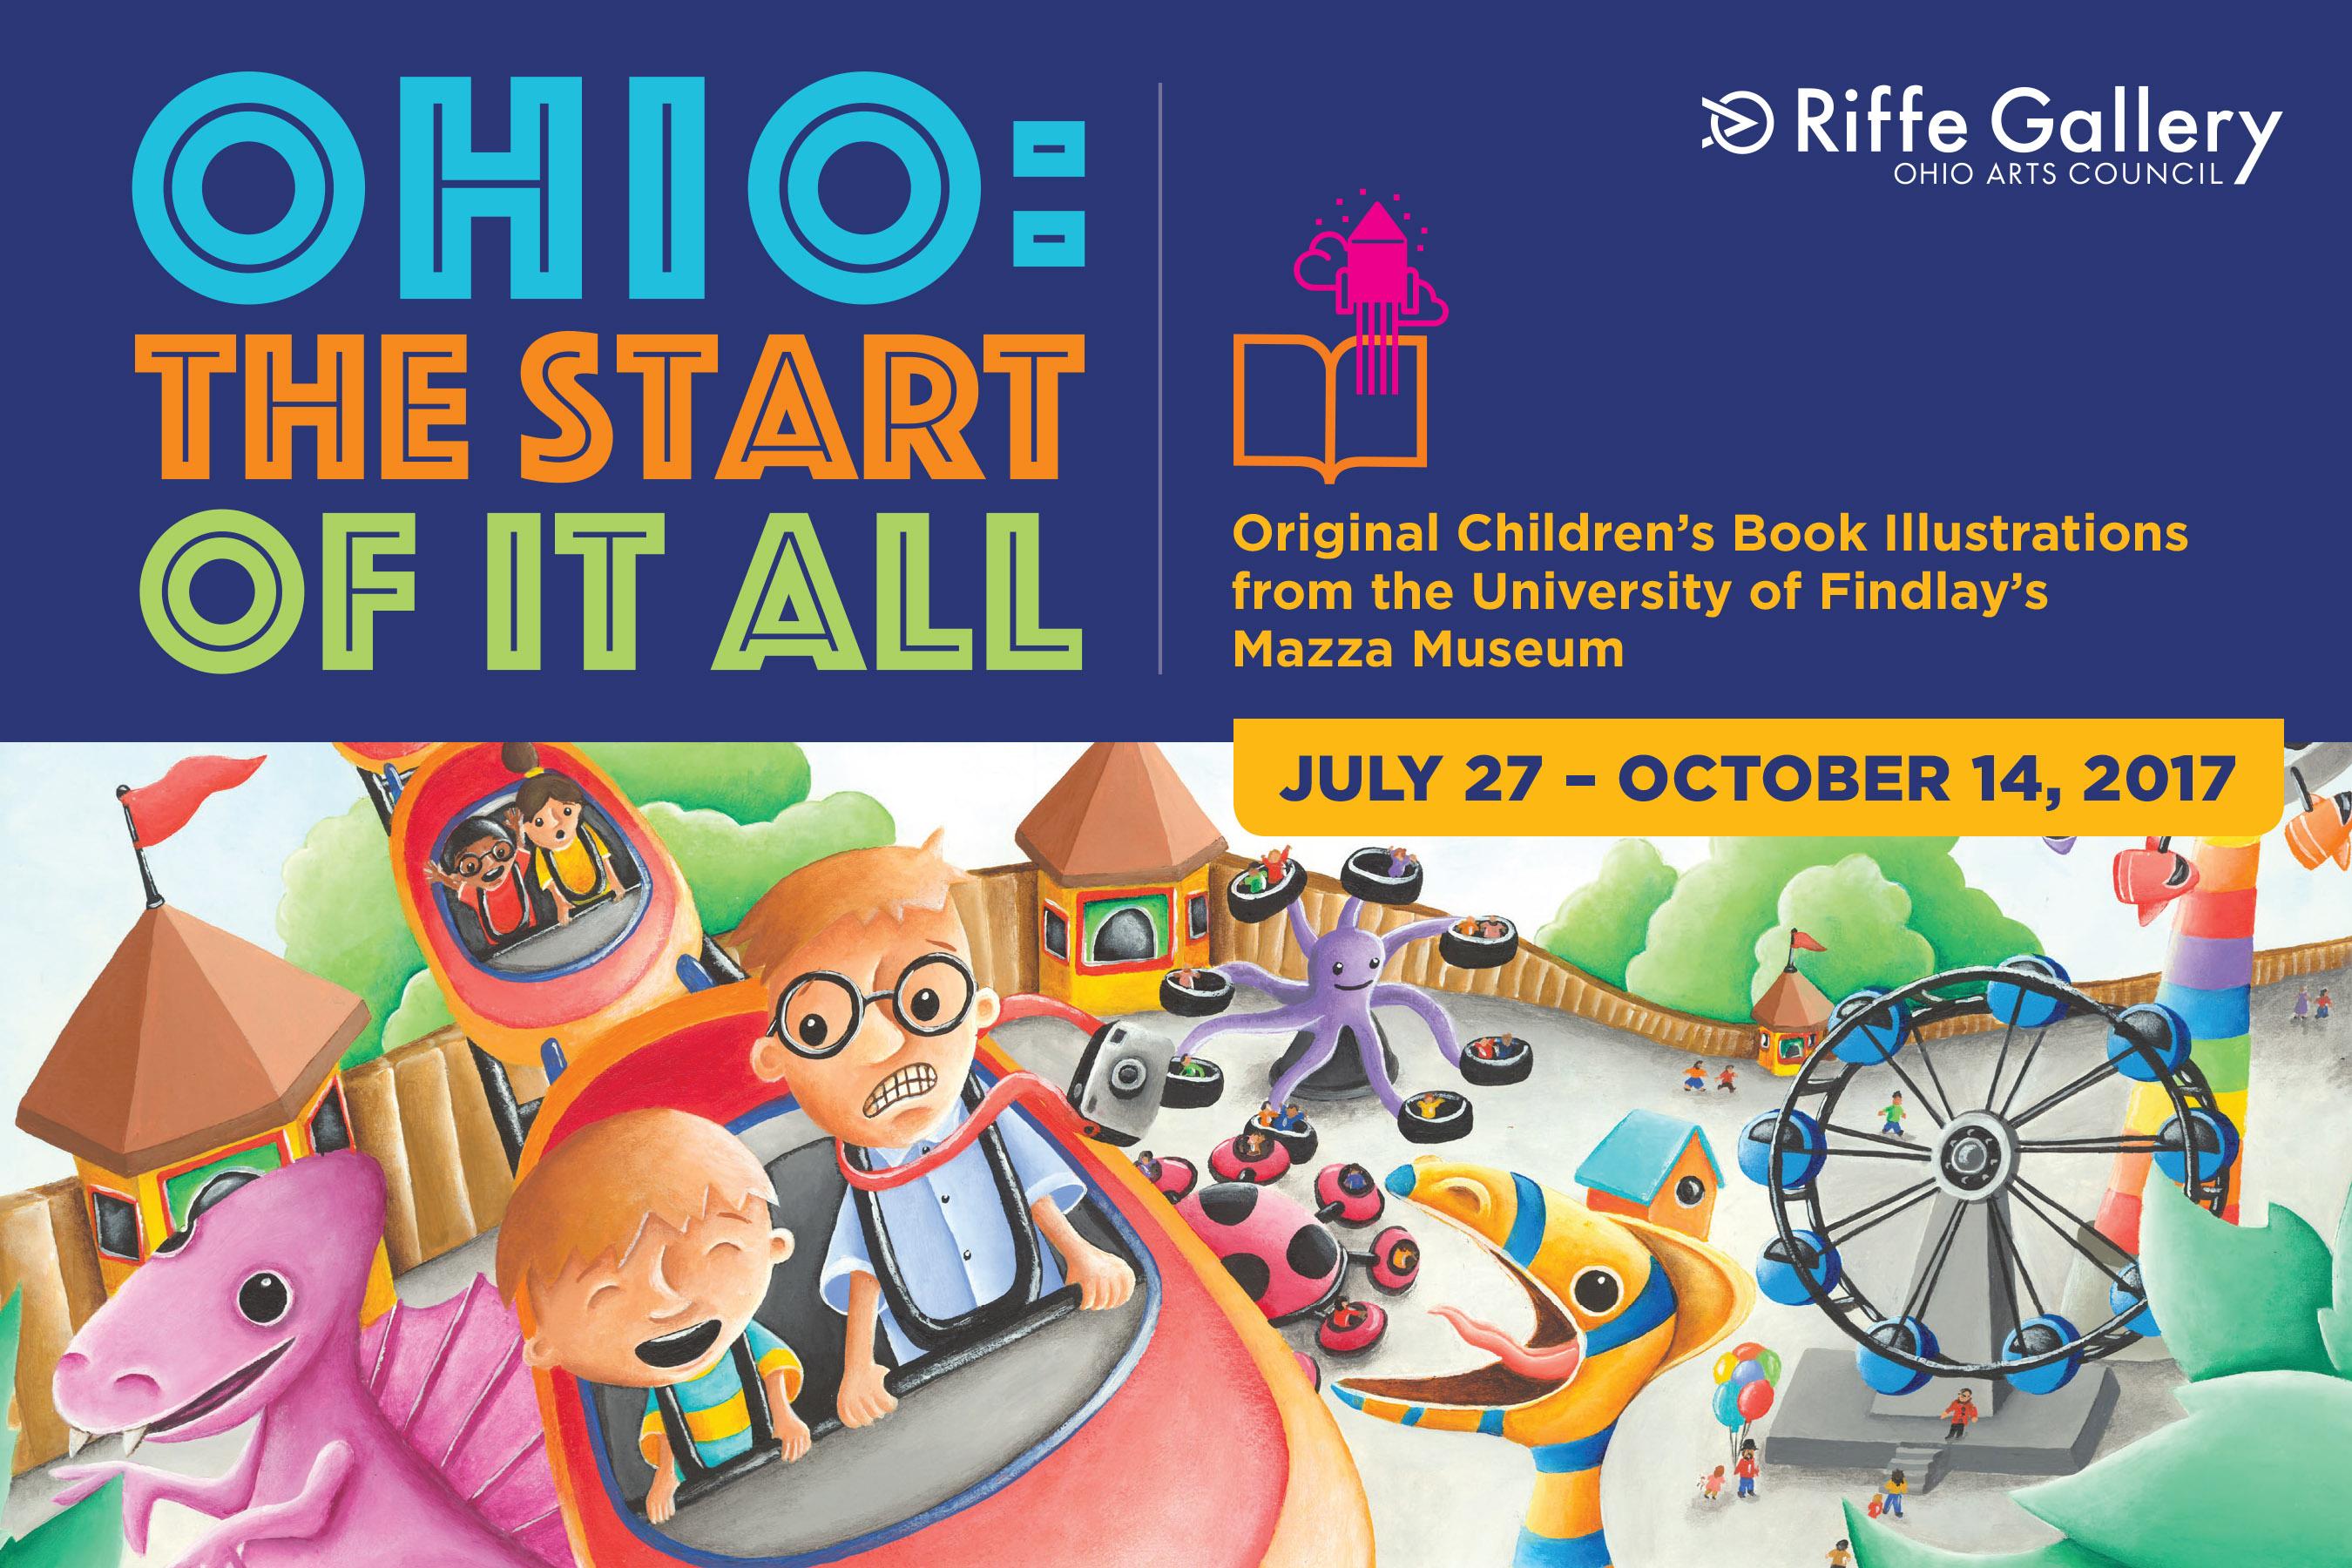 Childrens Book Exhibition